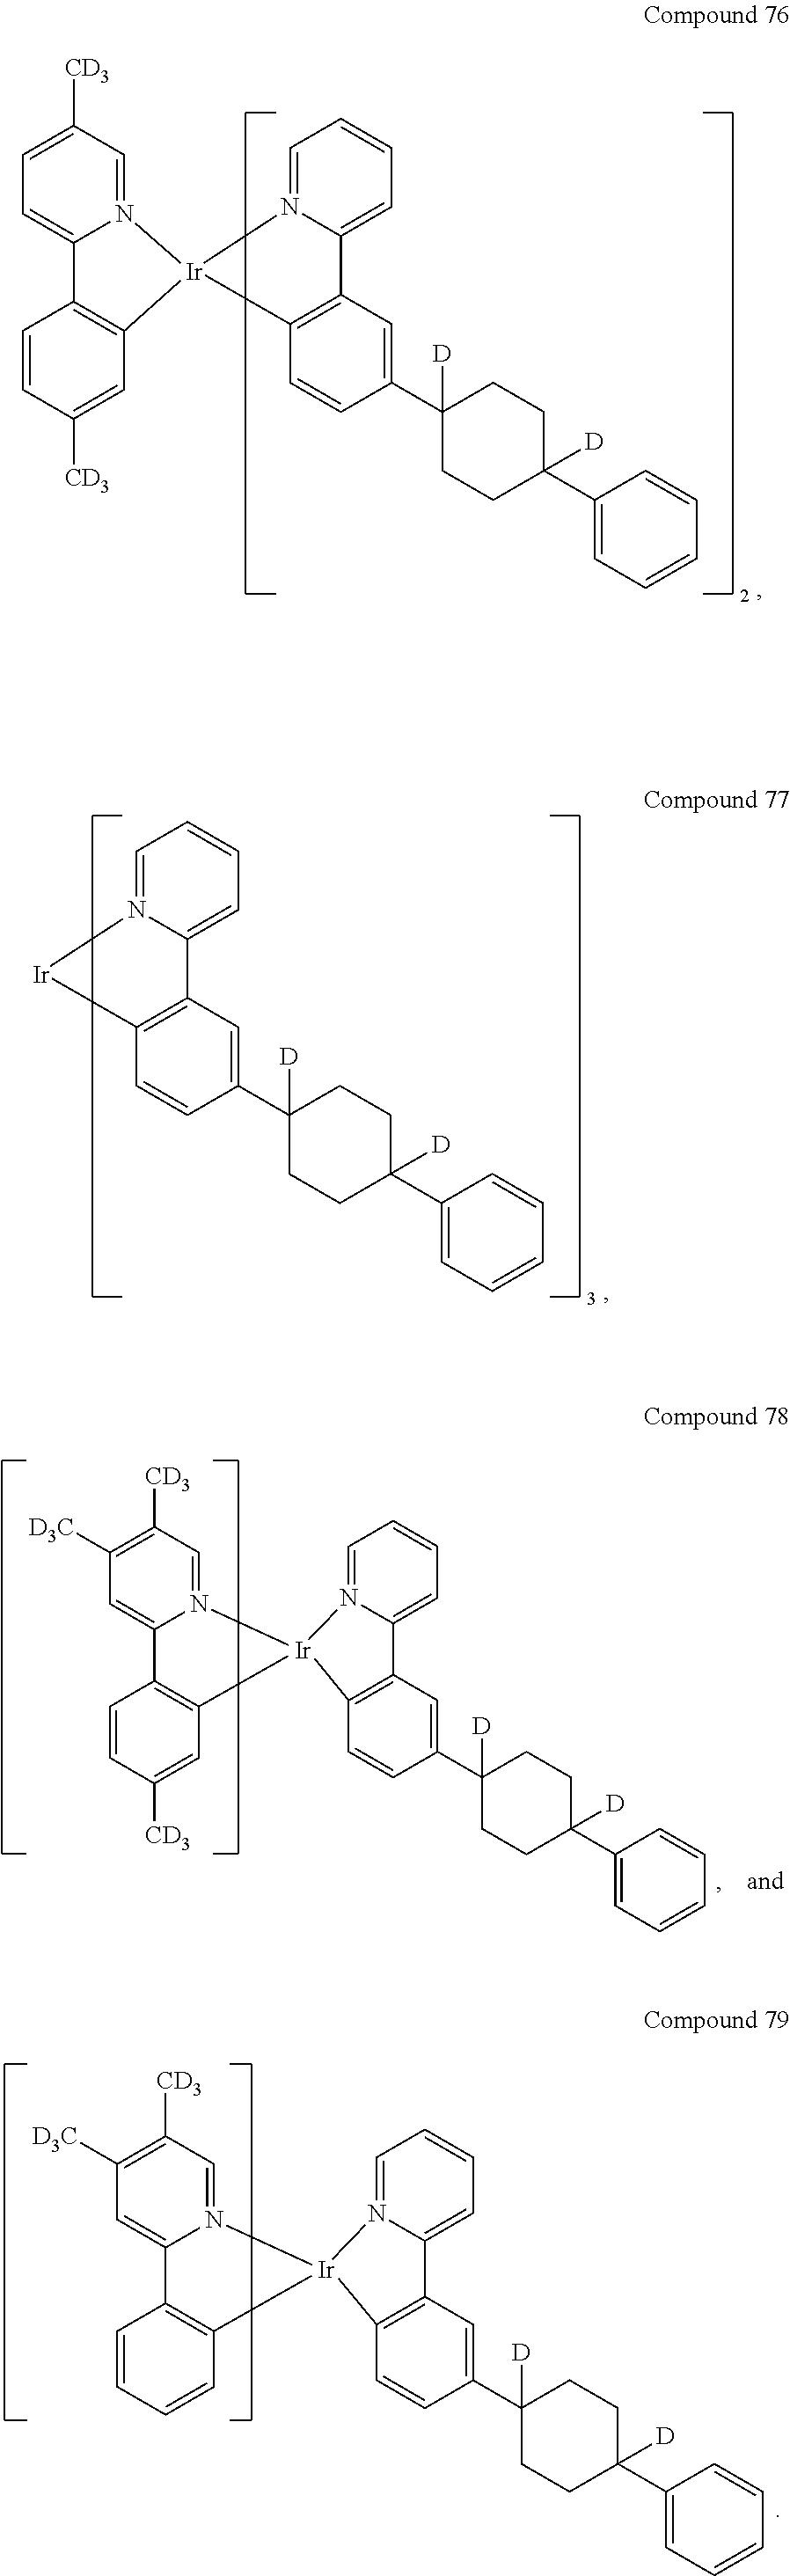 Figure US20180076393A1-20180315-C00178